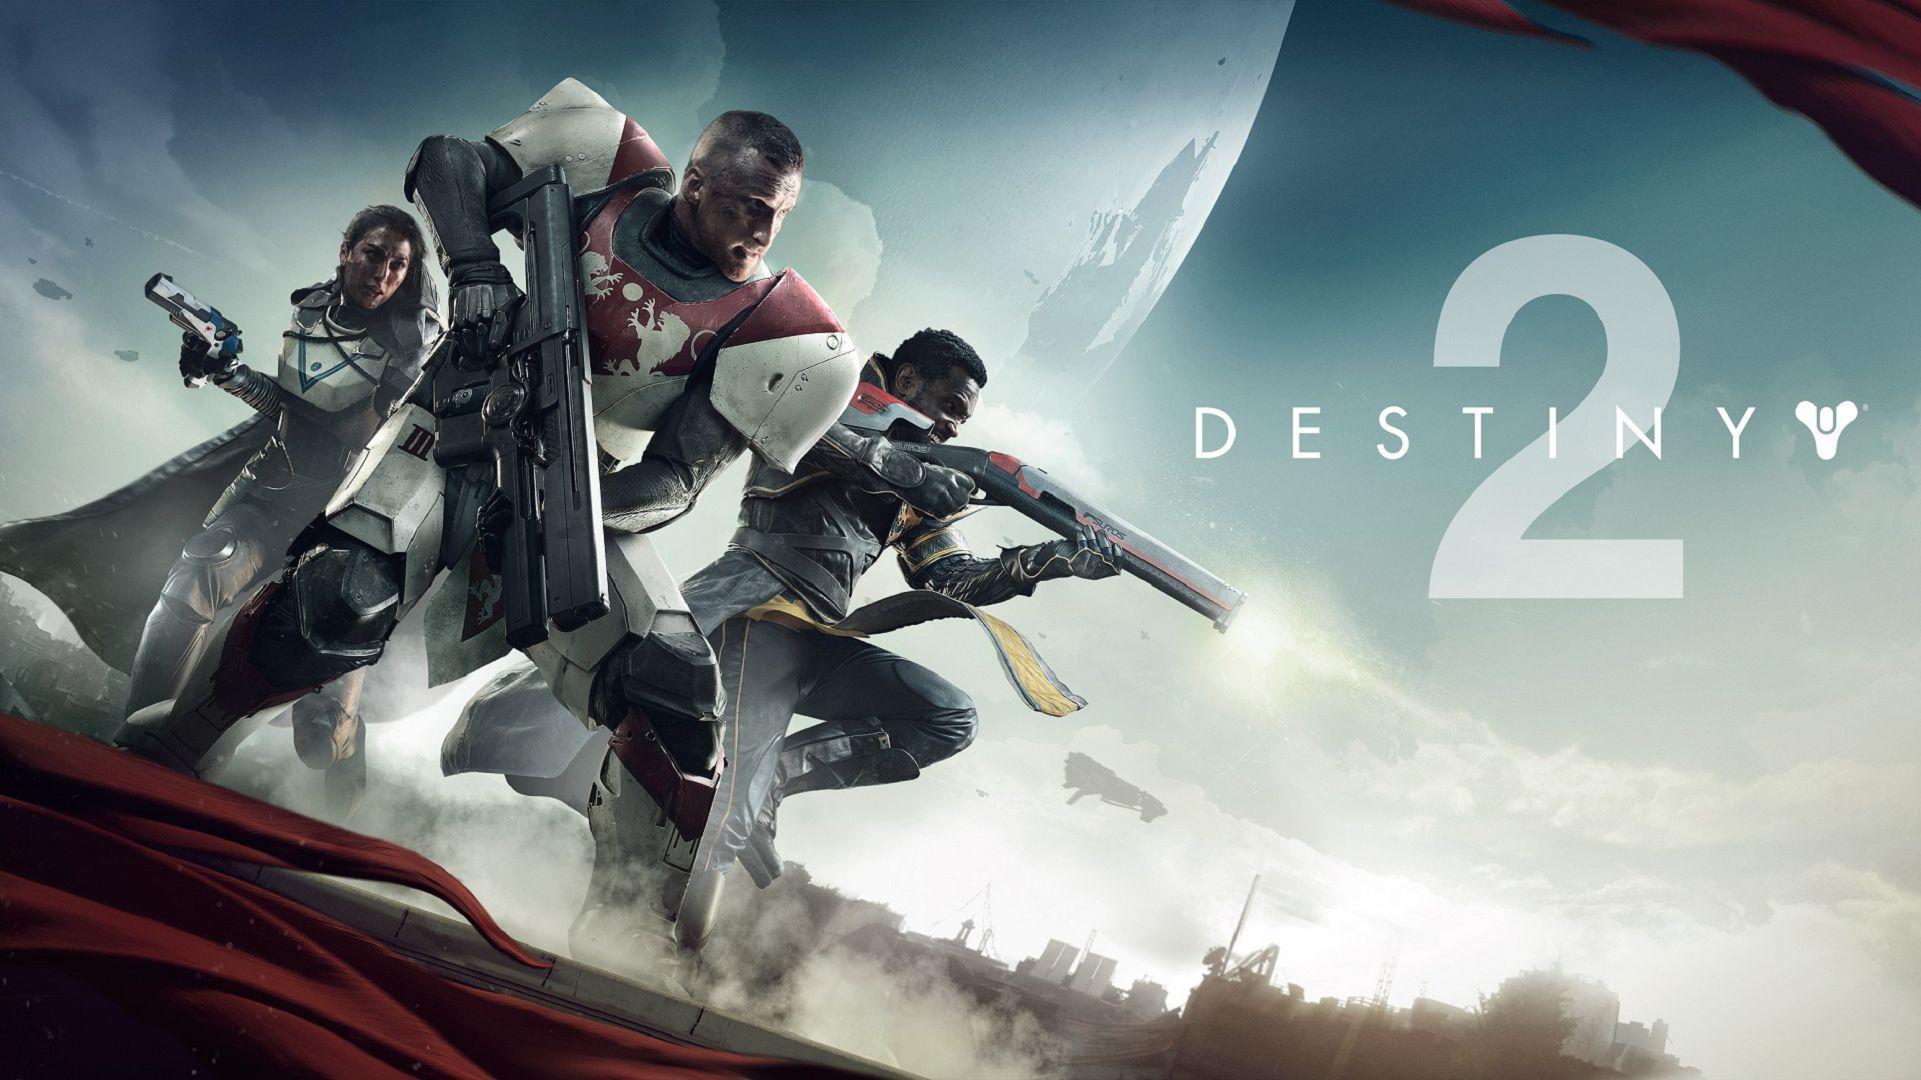 Destiny 2 Photos